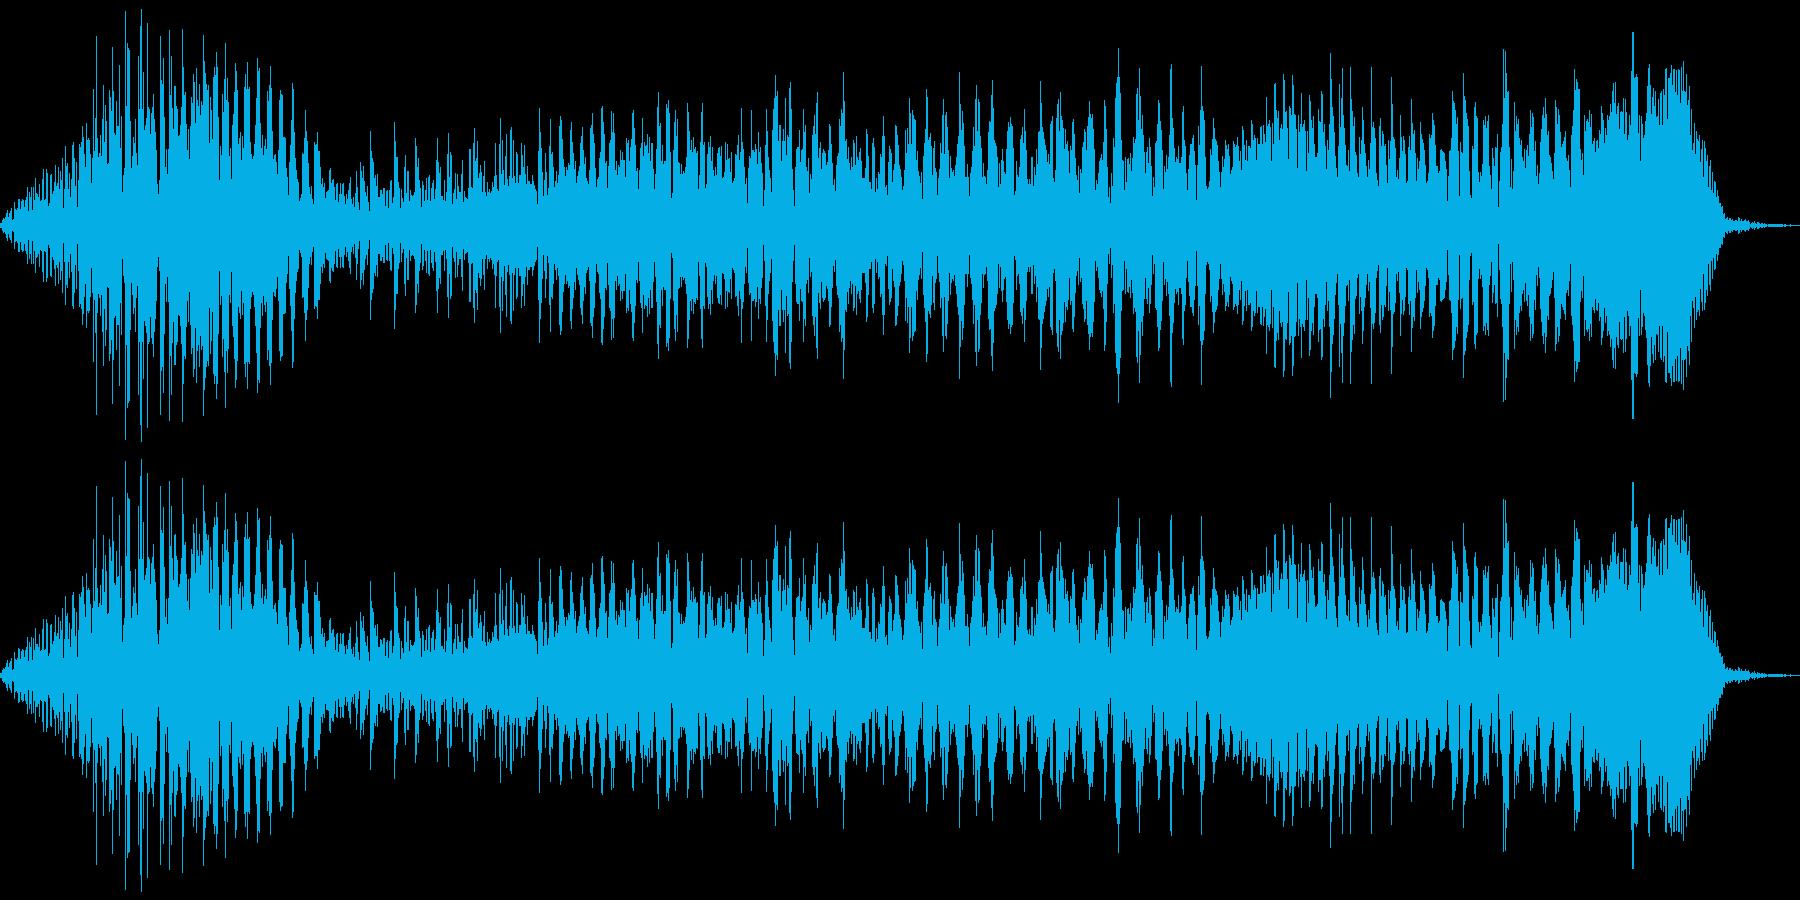 うおぉおおお!の再生済みの波形